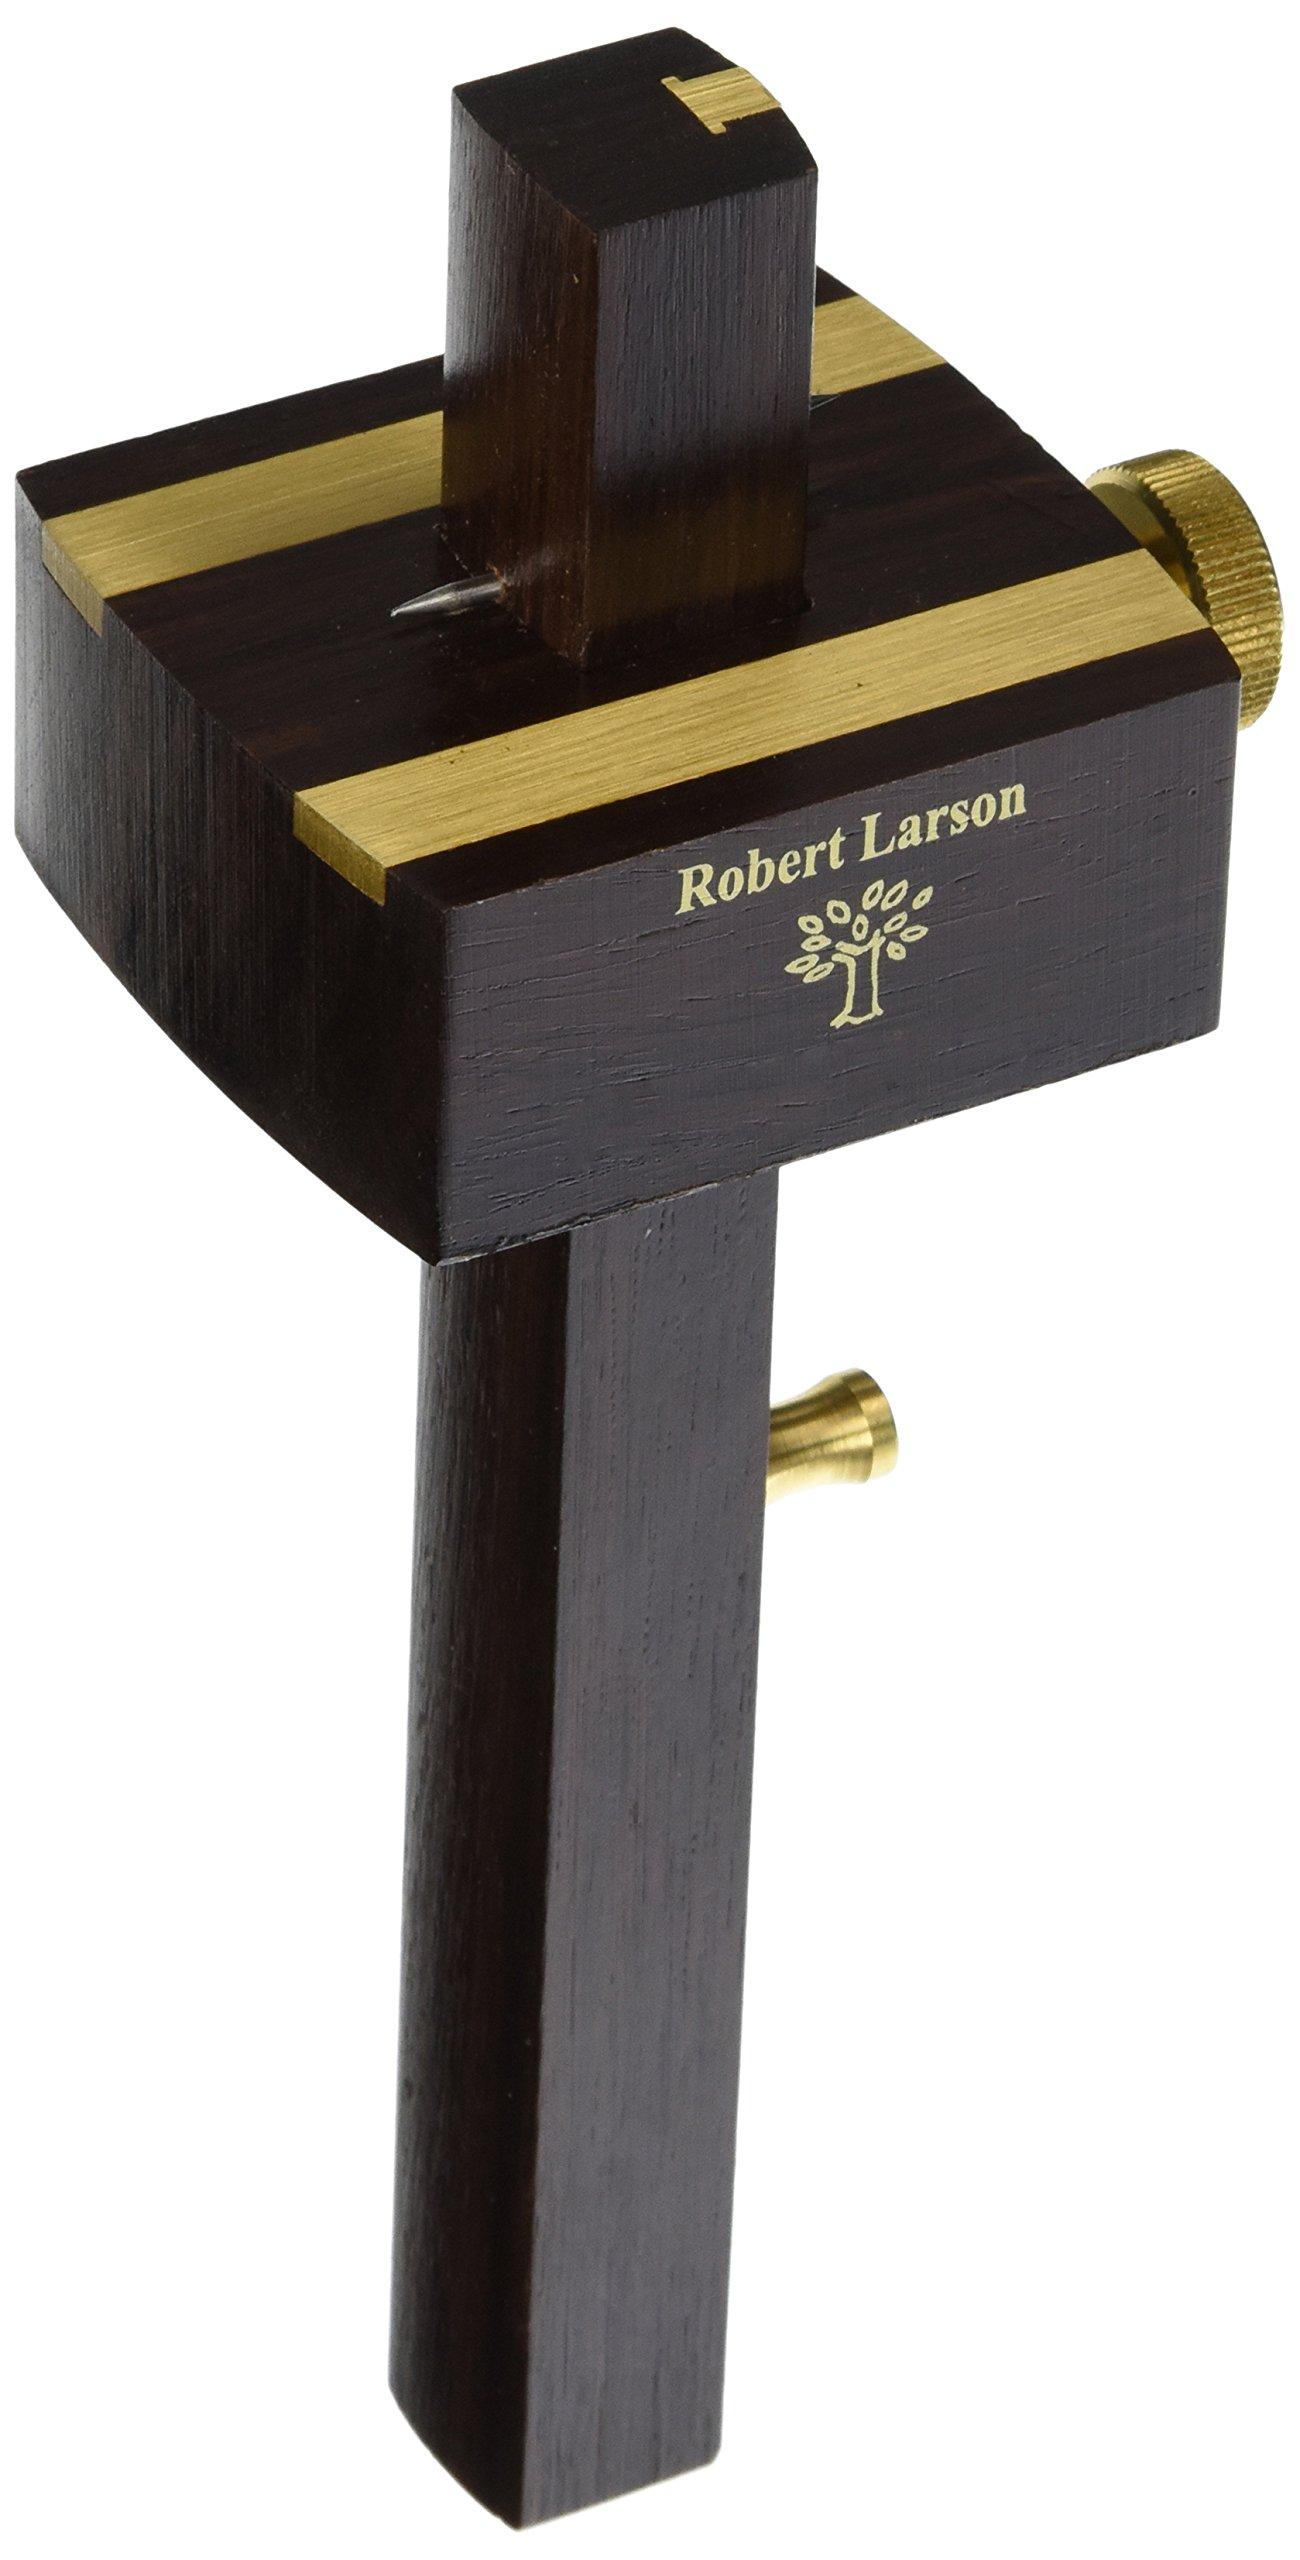 Robert Larson 605-1150 Rosewood Sliding Mortise Gauge